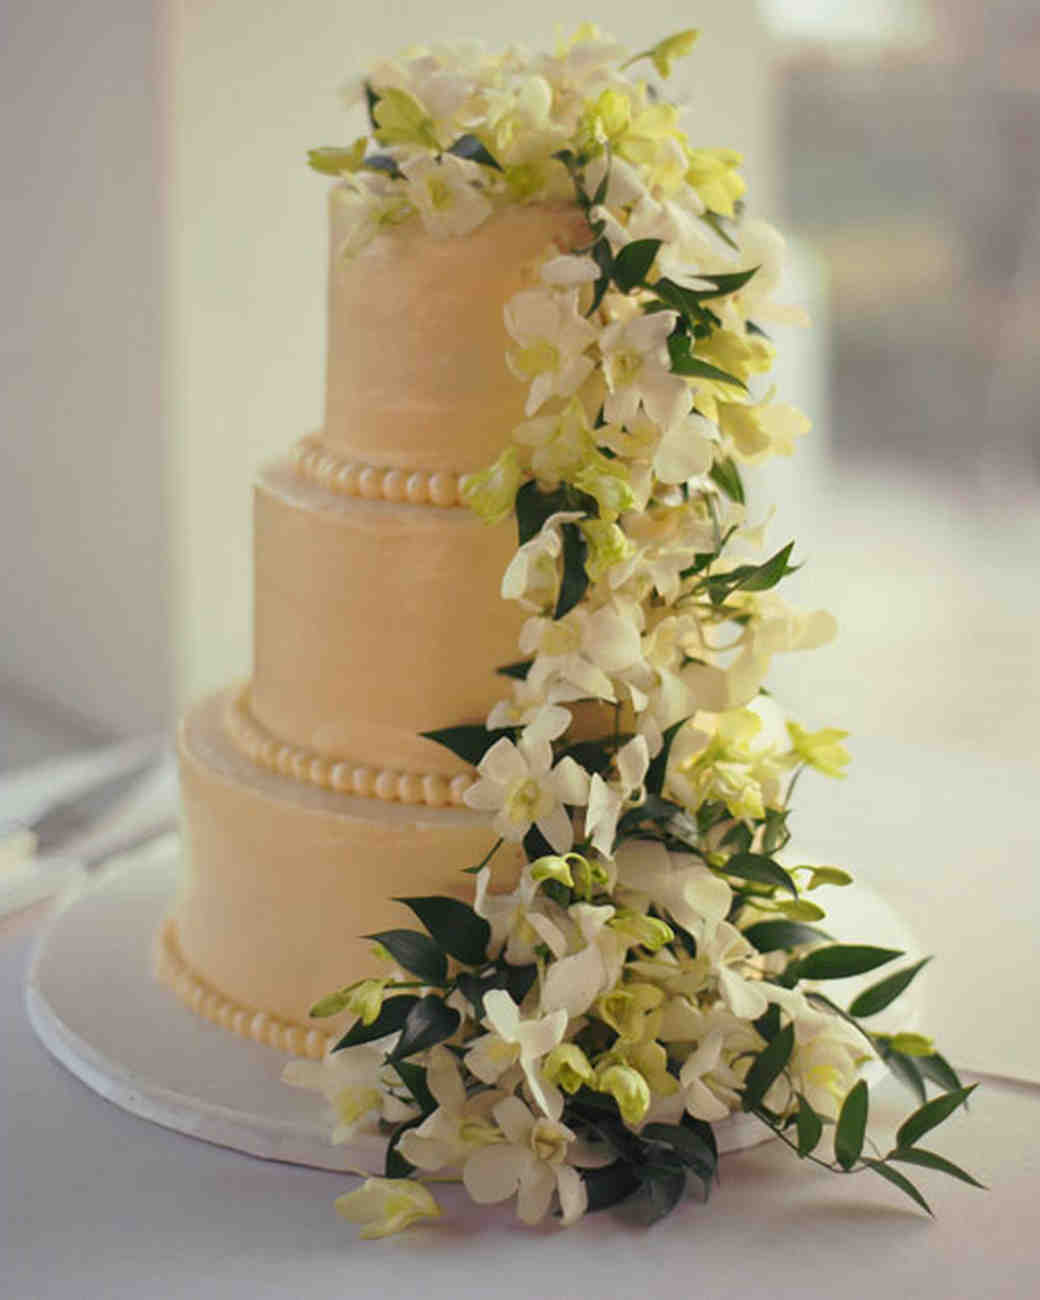 rw_0810_candice_scott_cake.jpg